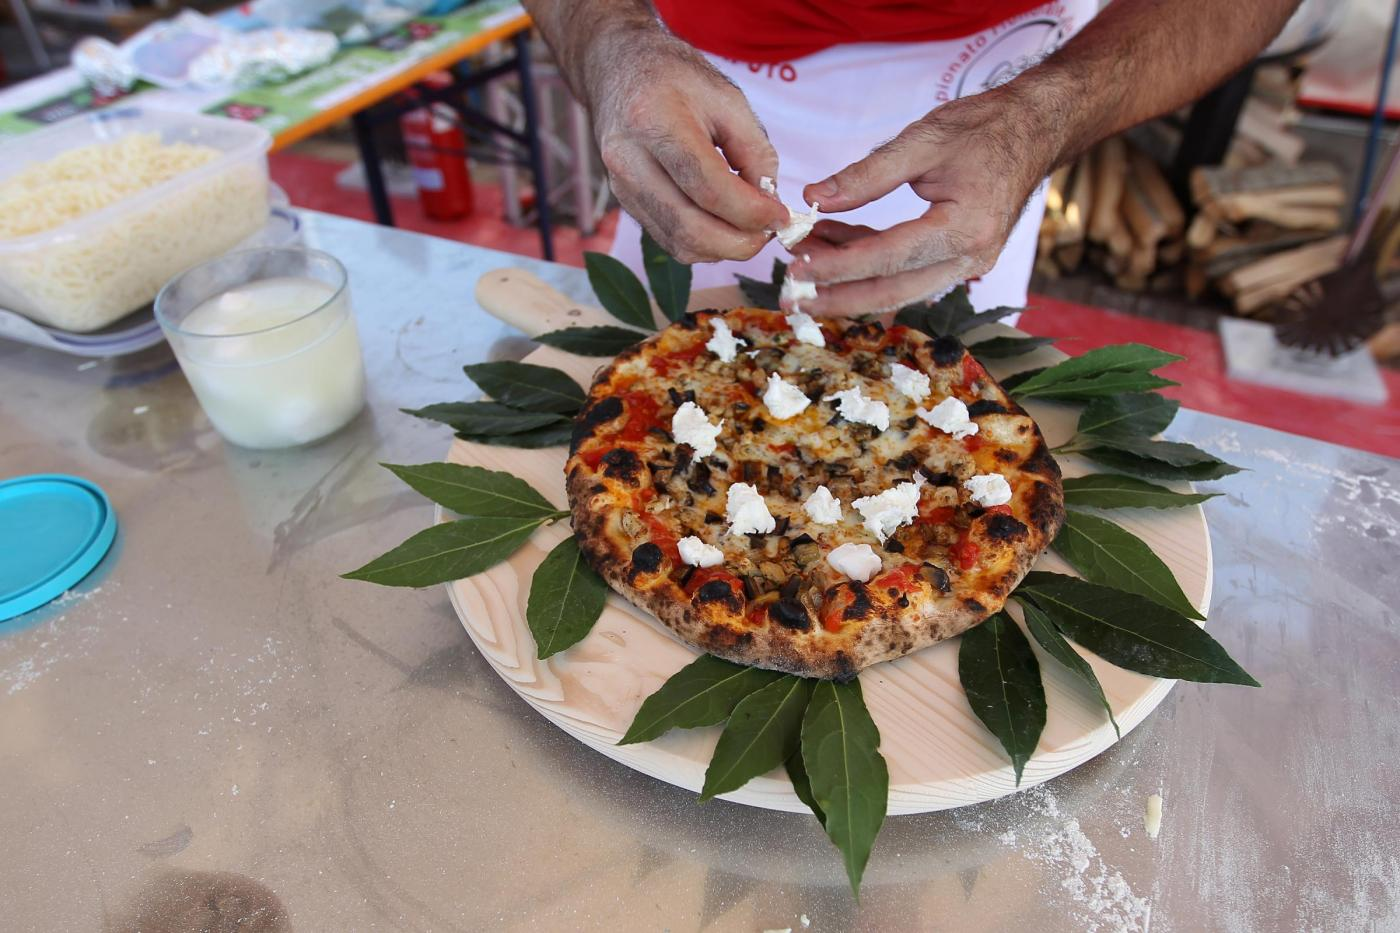 Napoli, campionato mondiale del pizzaiuolo